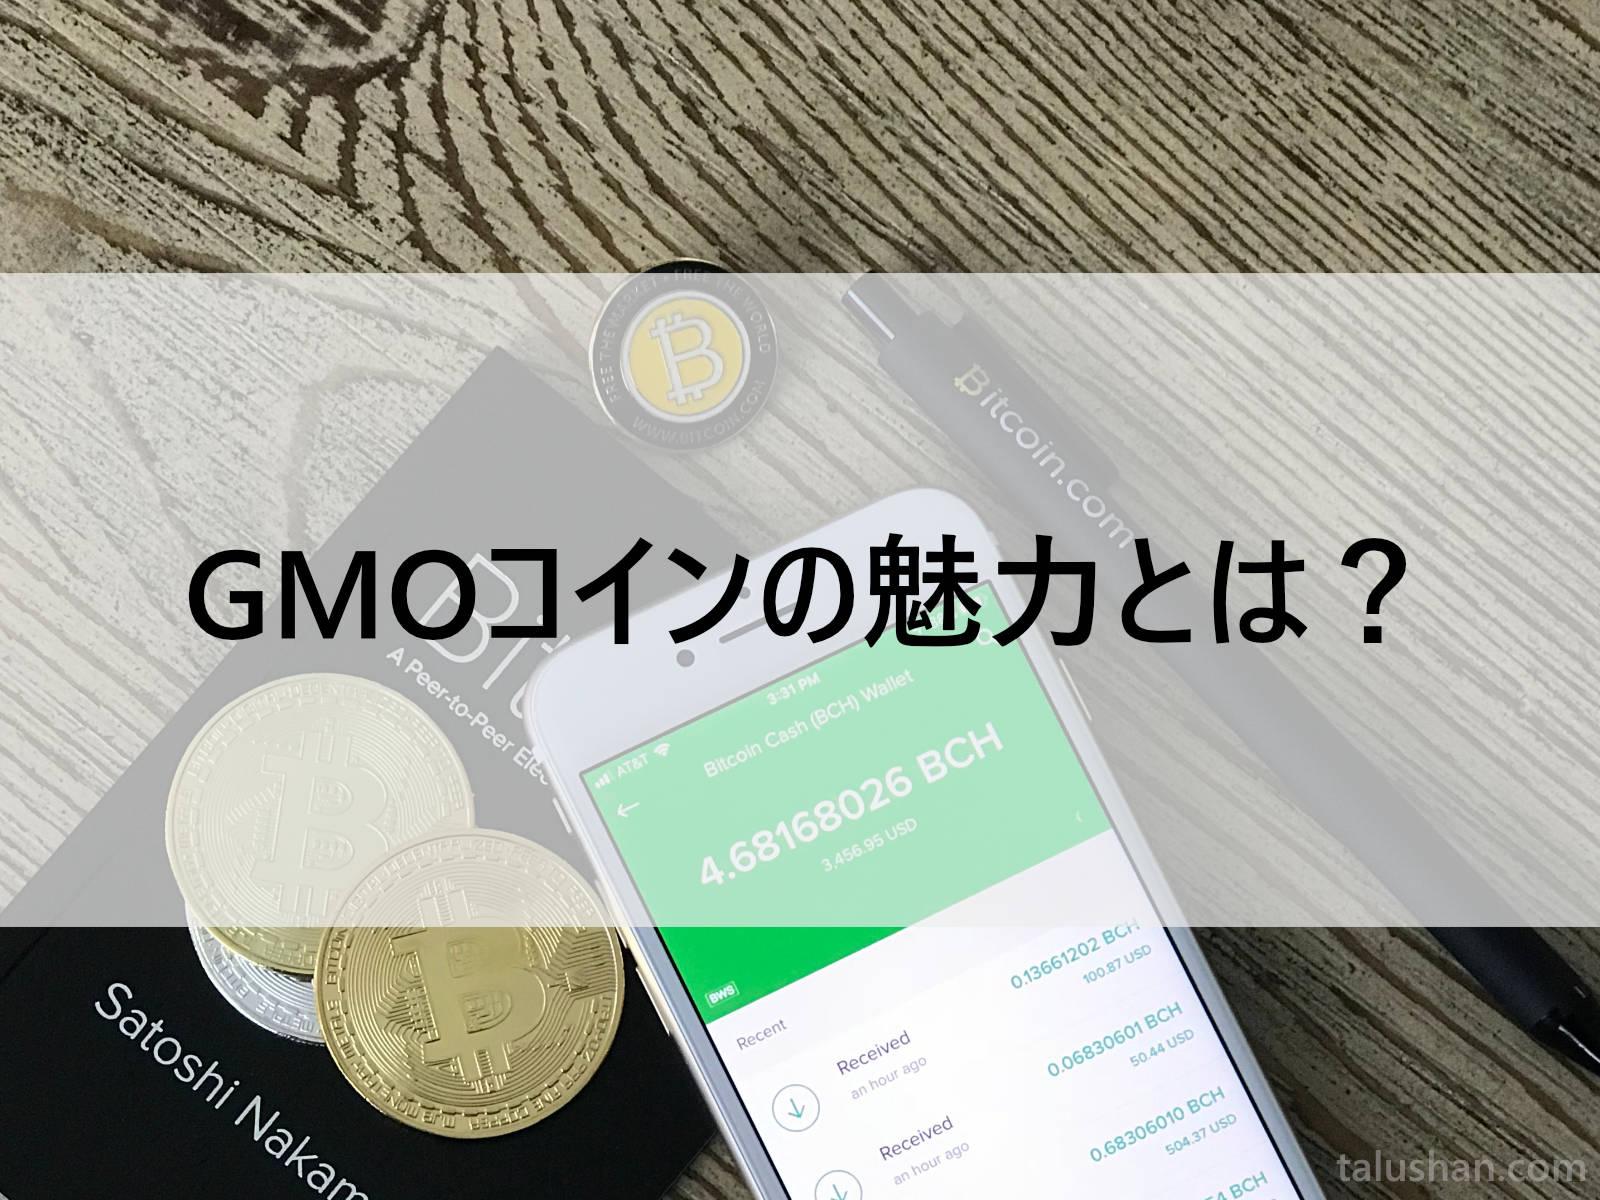 GMOコインの魅力とは?